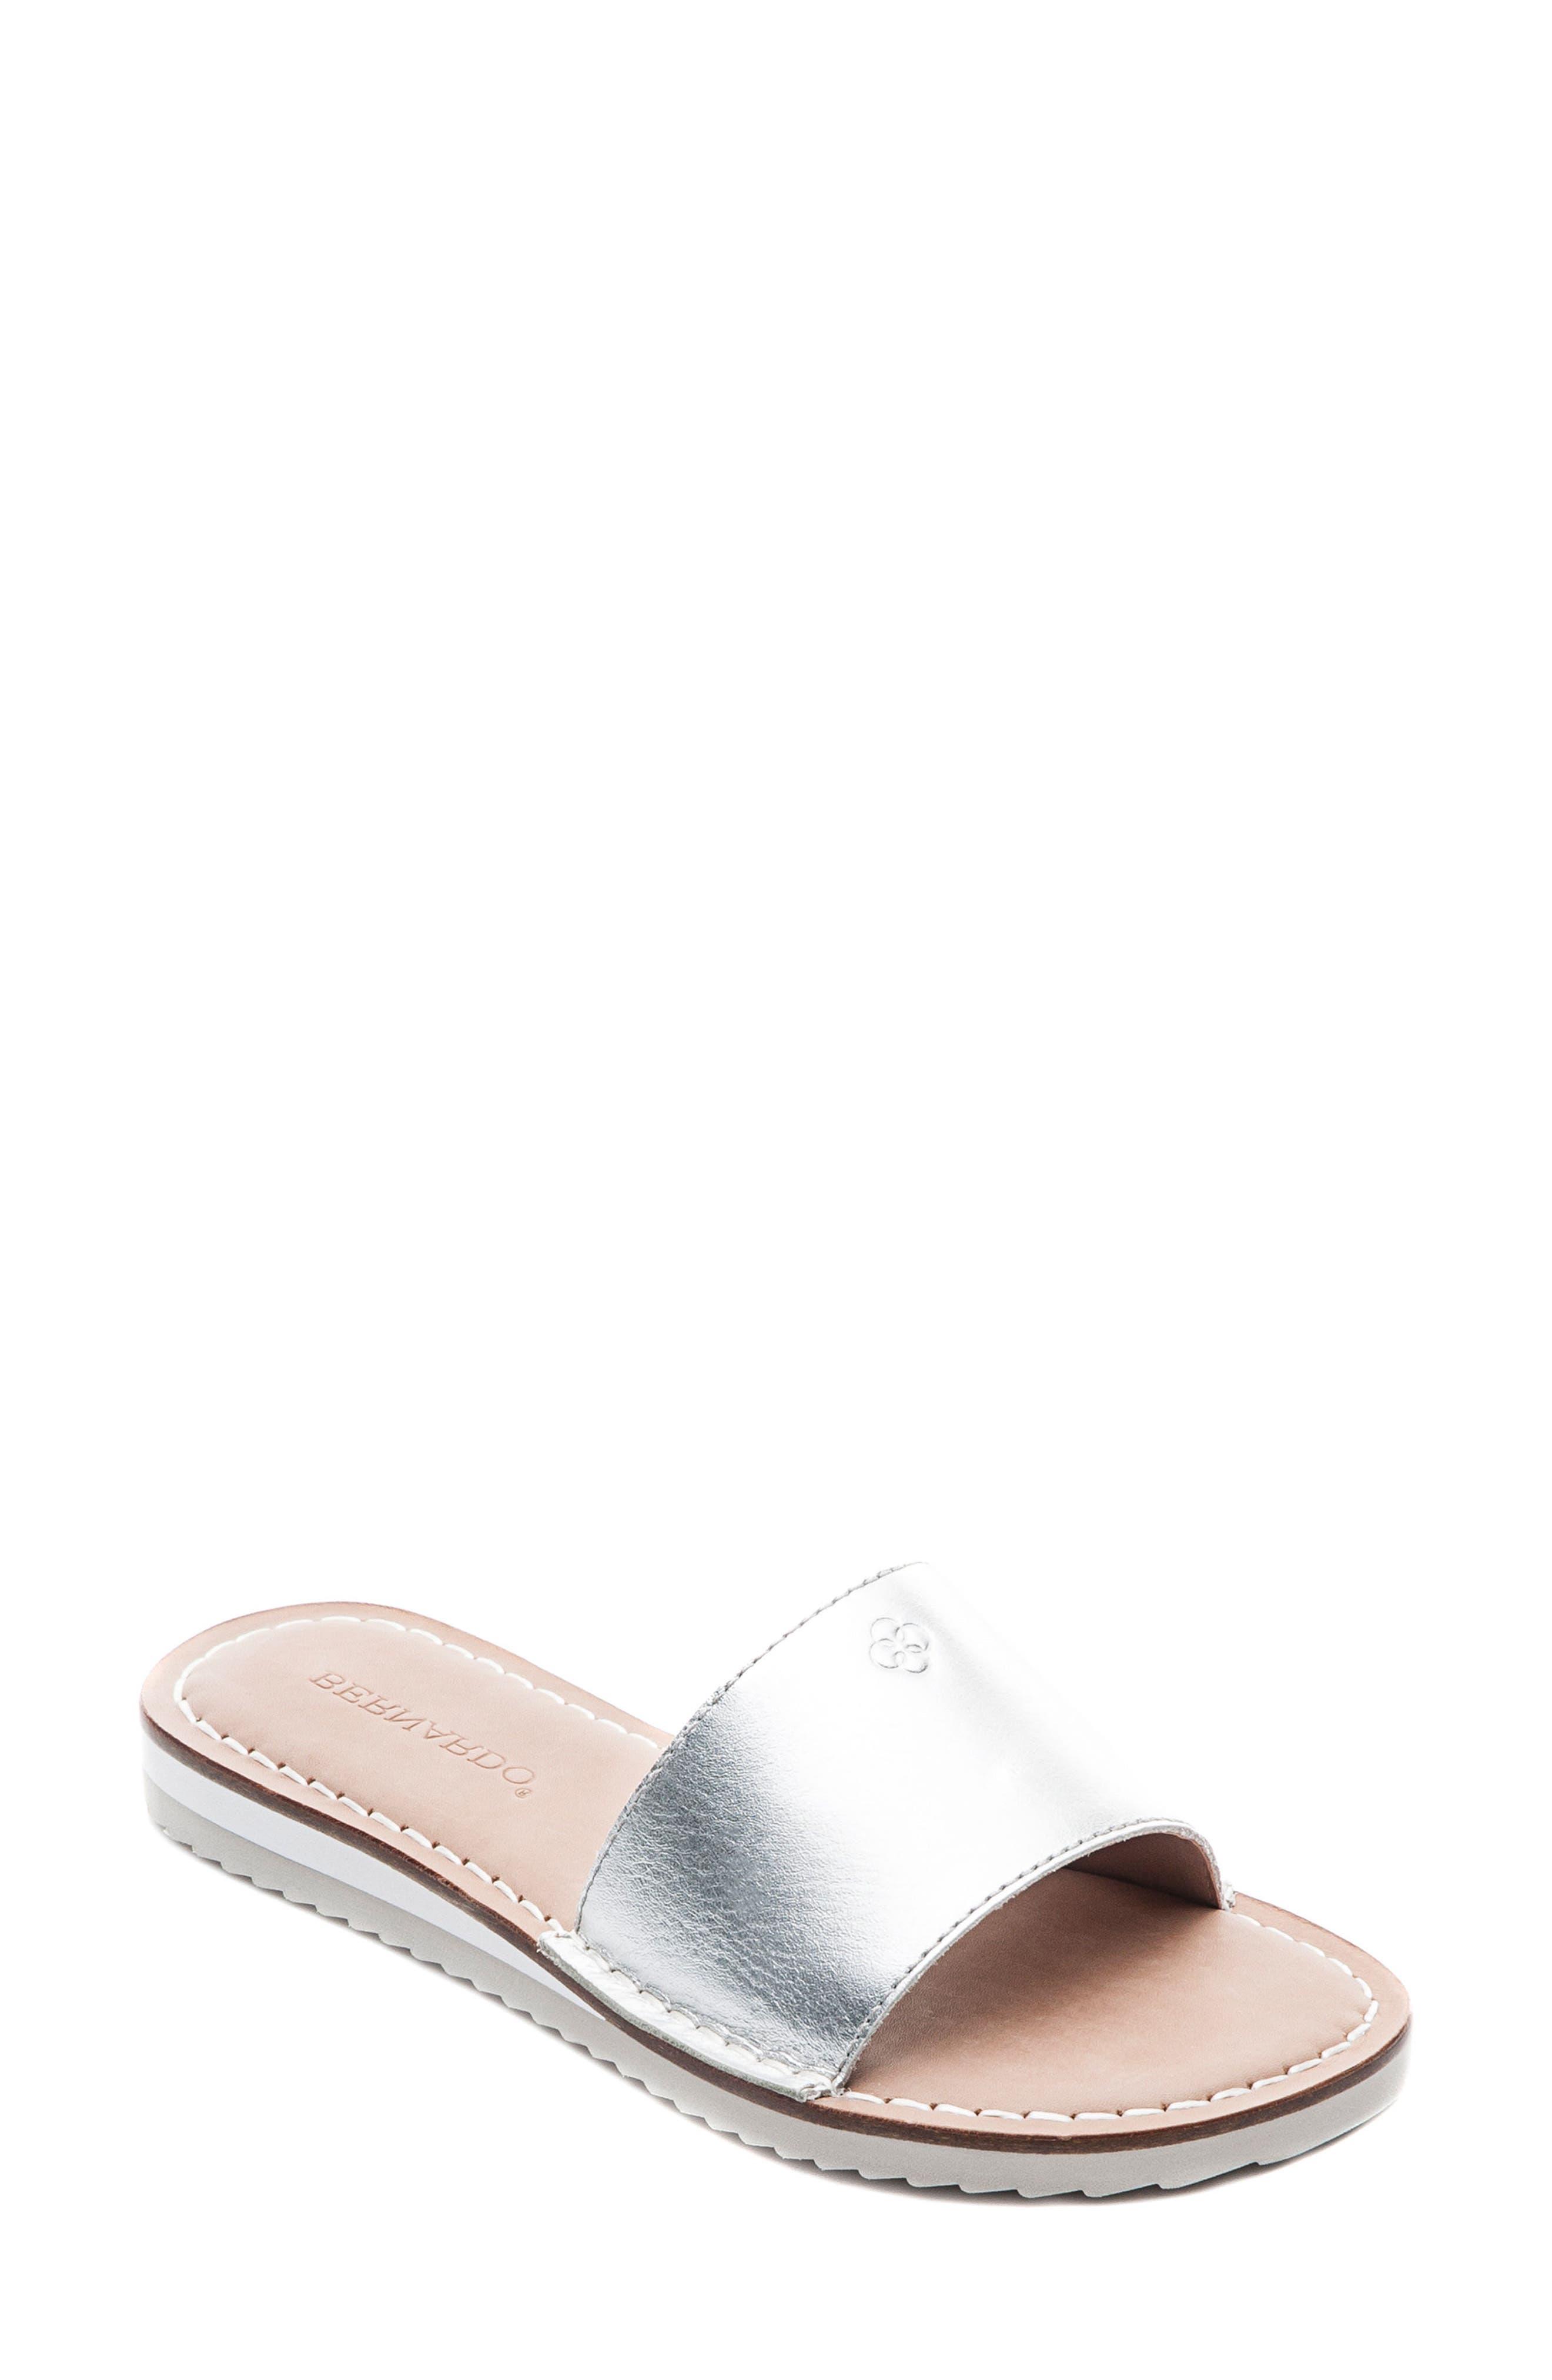 Bernardo Emily Slide Sandal,                         Main,                         color, 040